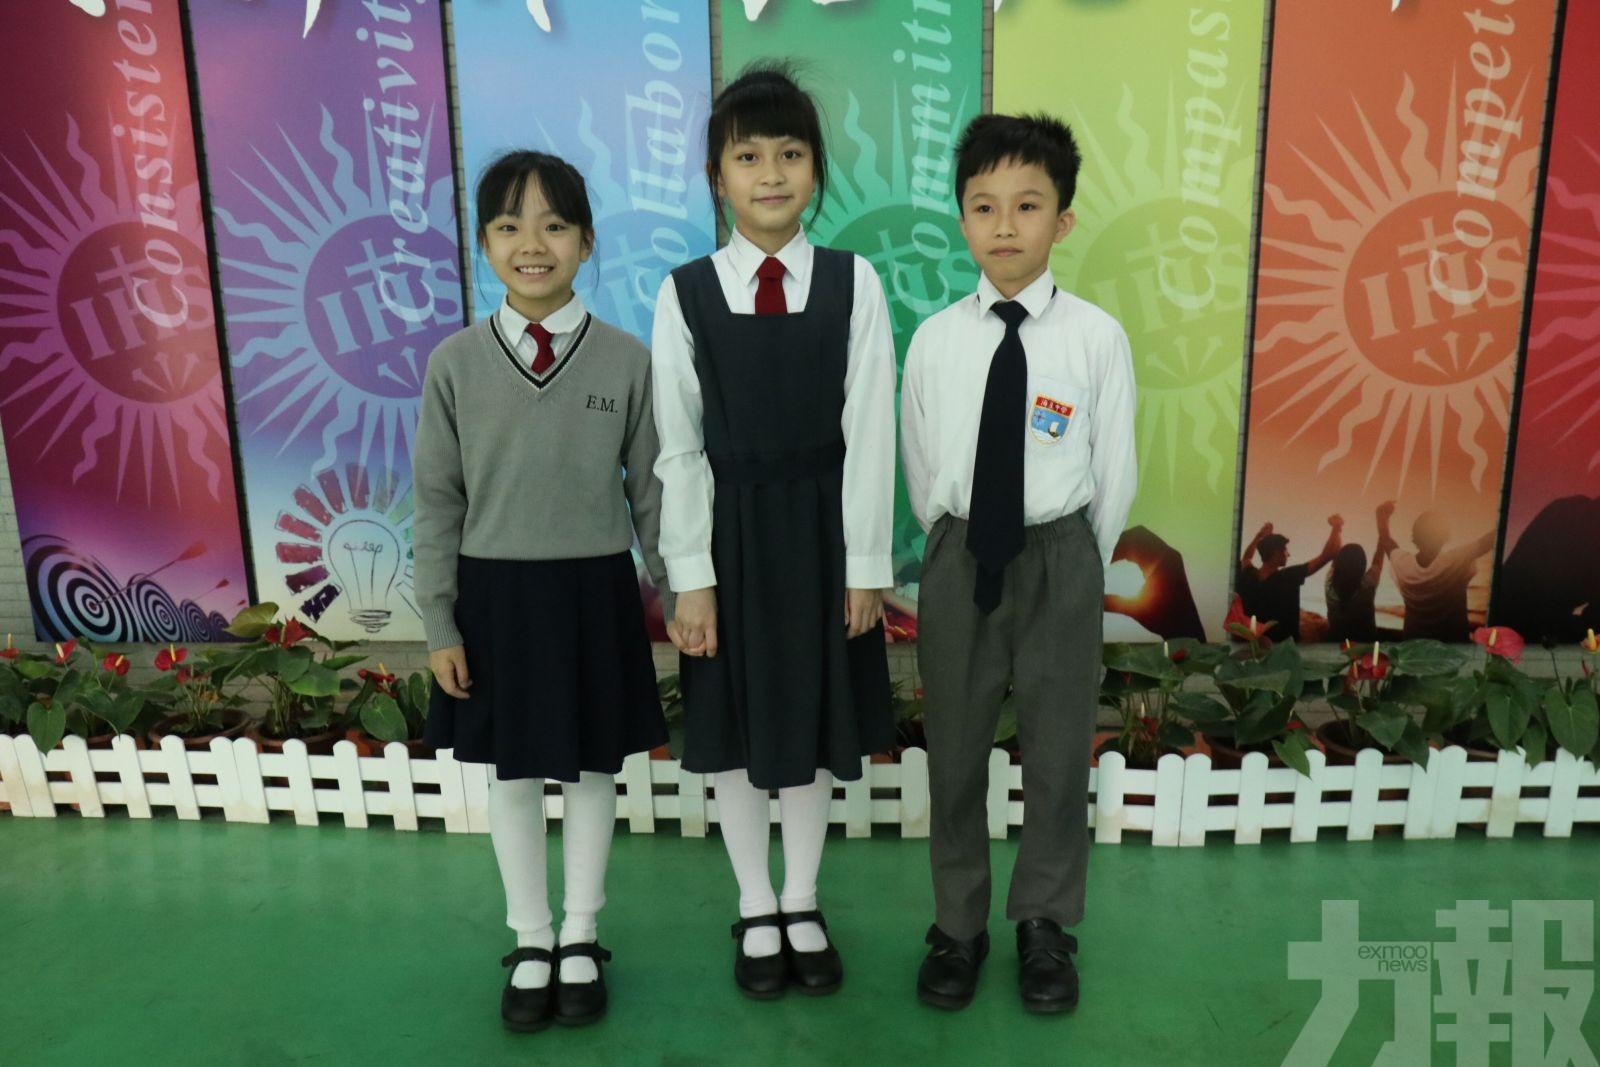 能源教育活動冀加強同學節能意識